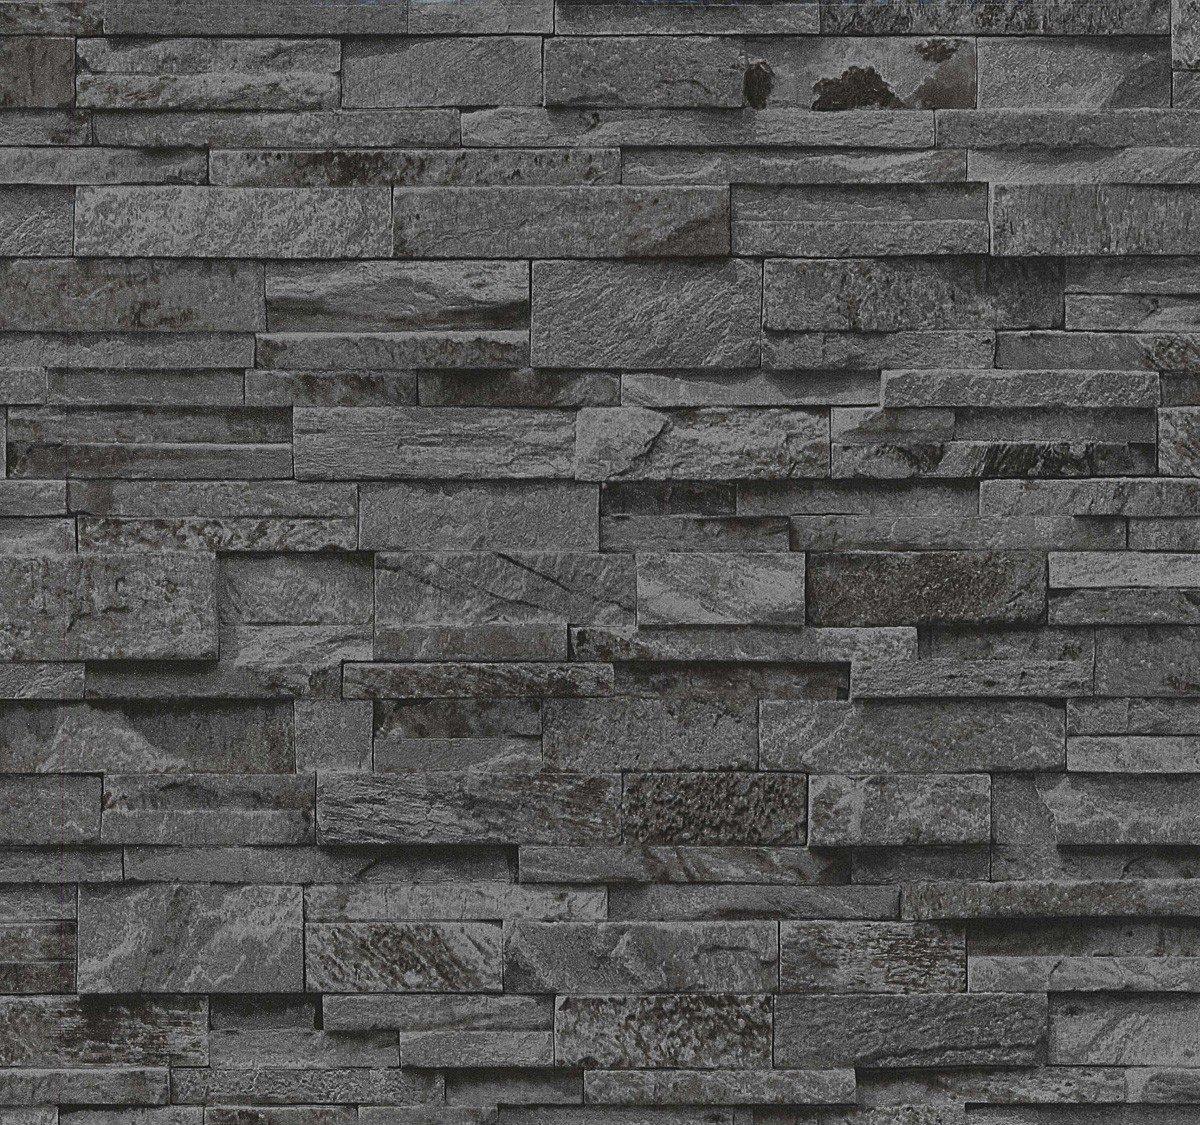 Steintapete Vlies Grau Schwarz | schöne edle Tapete im Steinmauer ...